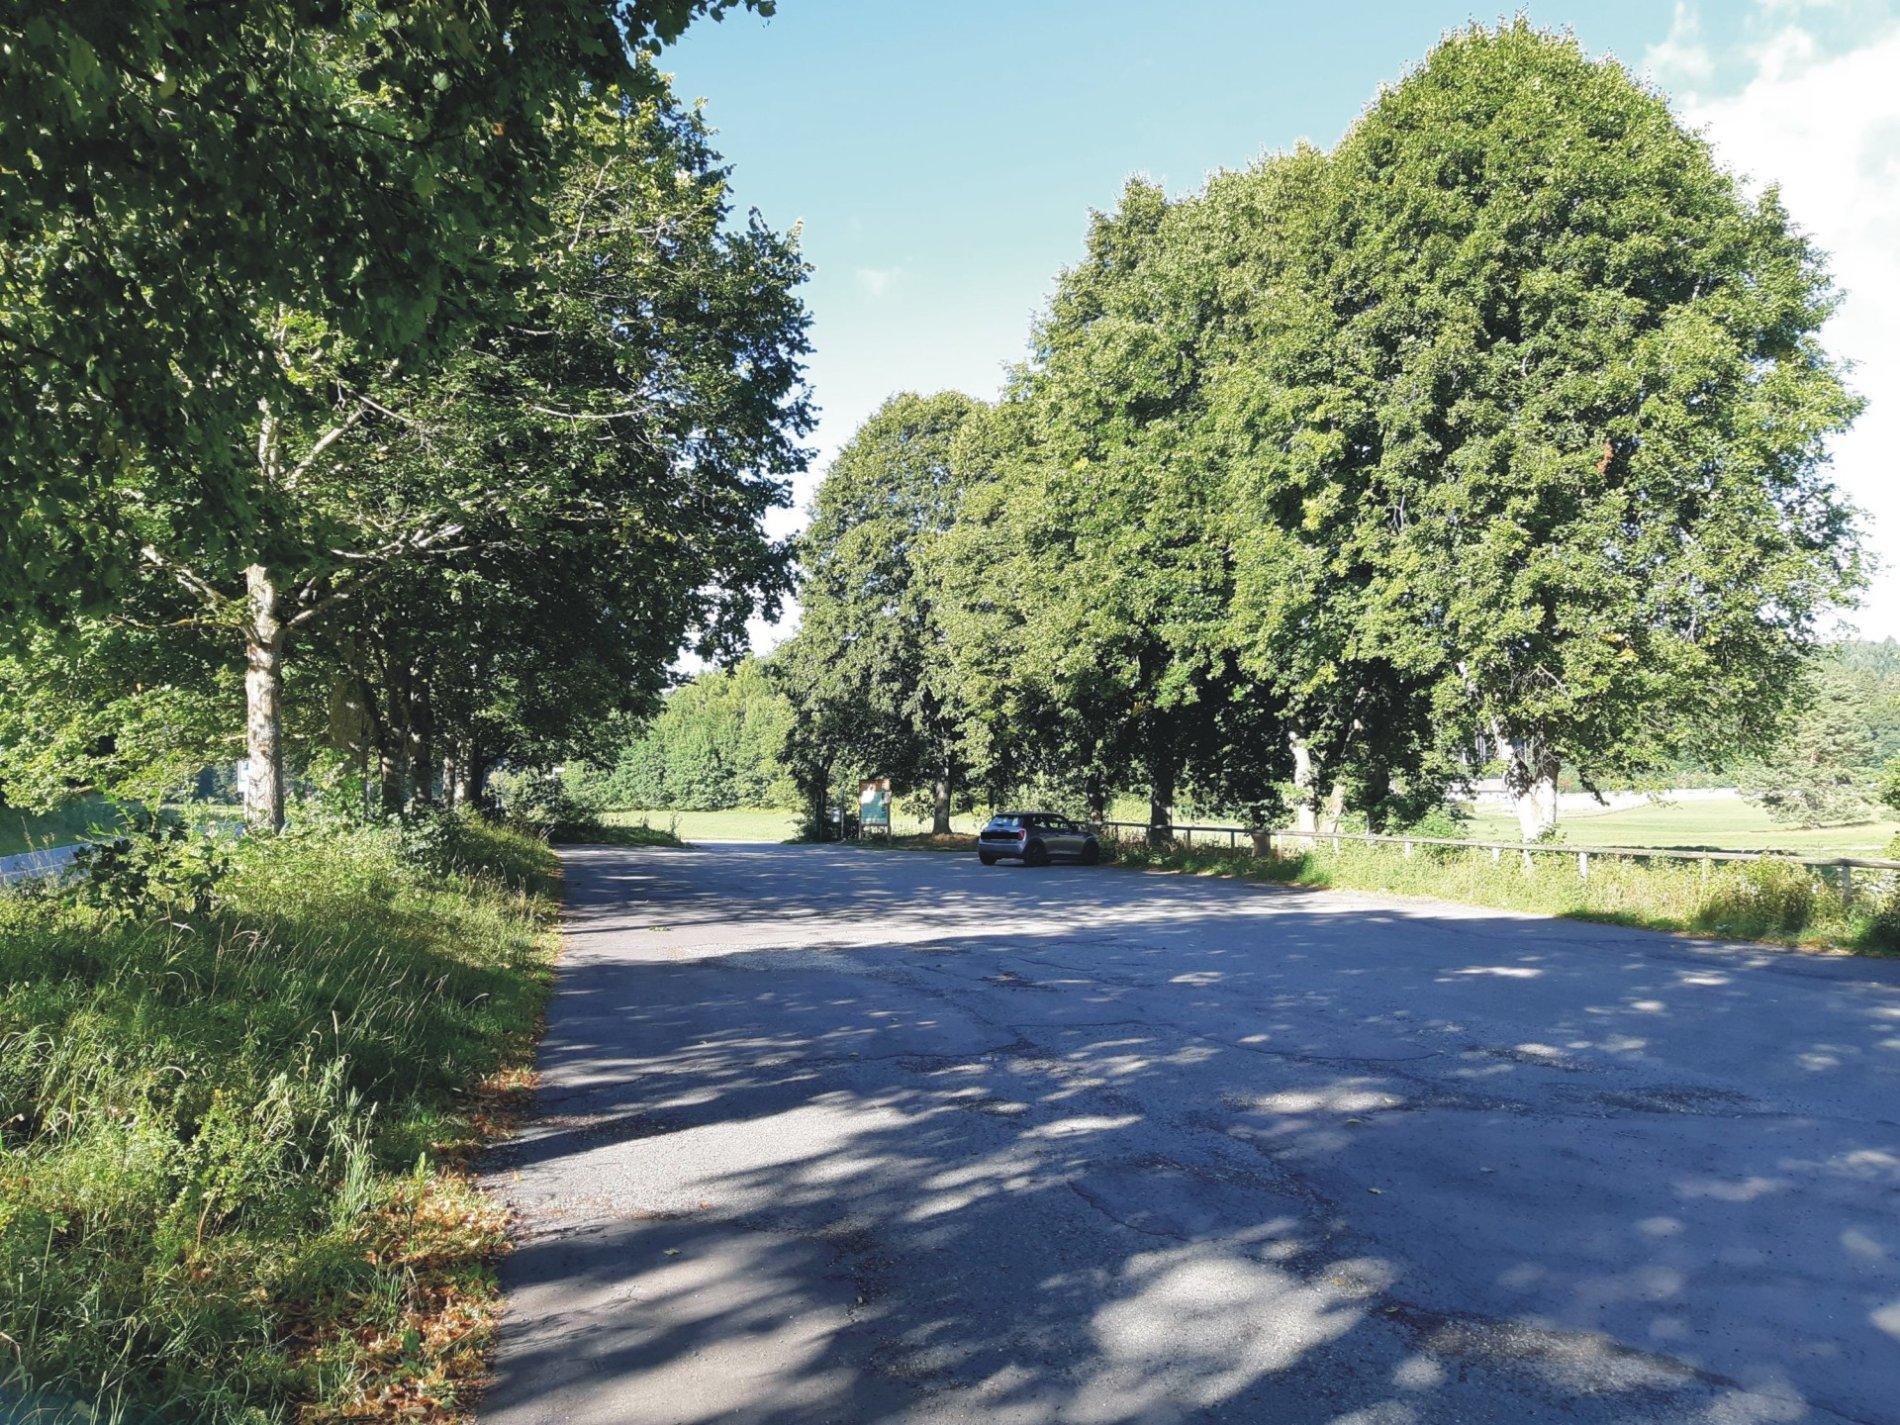 Wanderparkplatz Stählernes Männlein